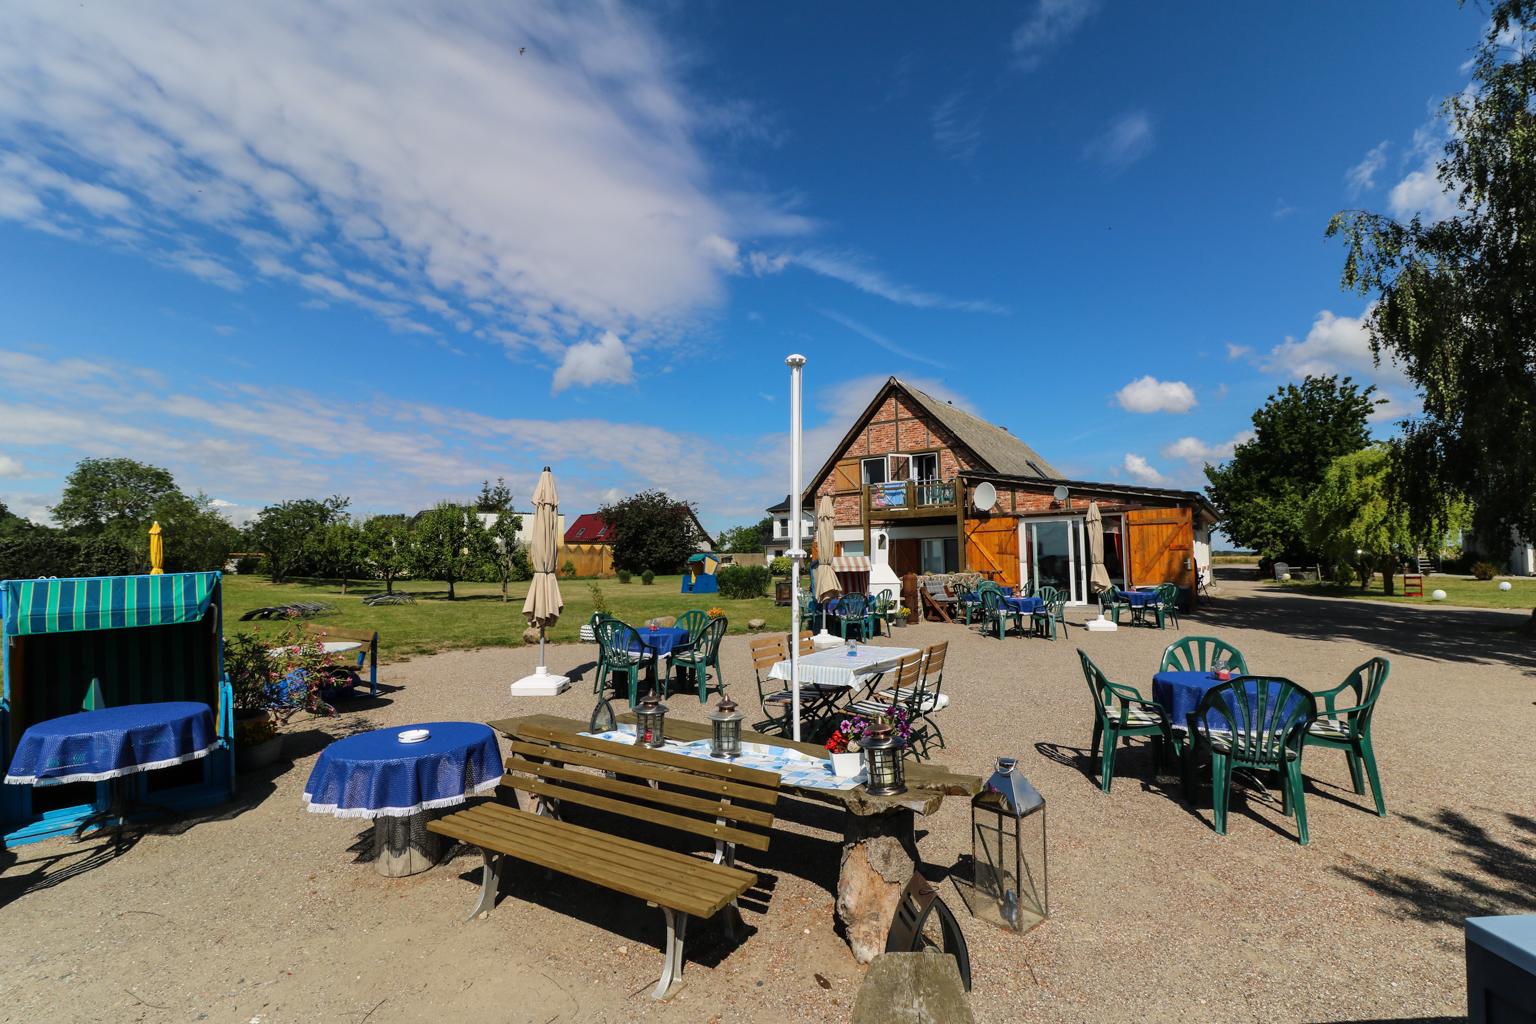 Urlaub auf der Insel Usedom heißt…